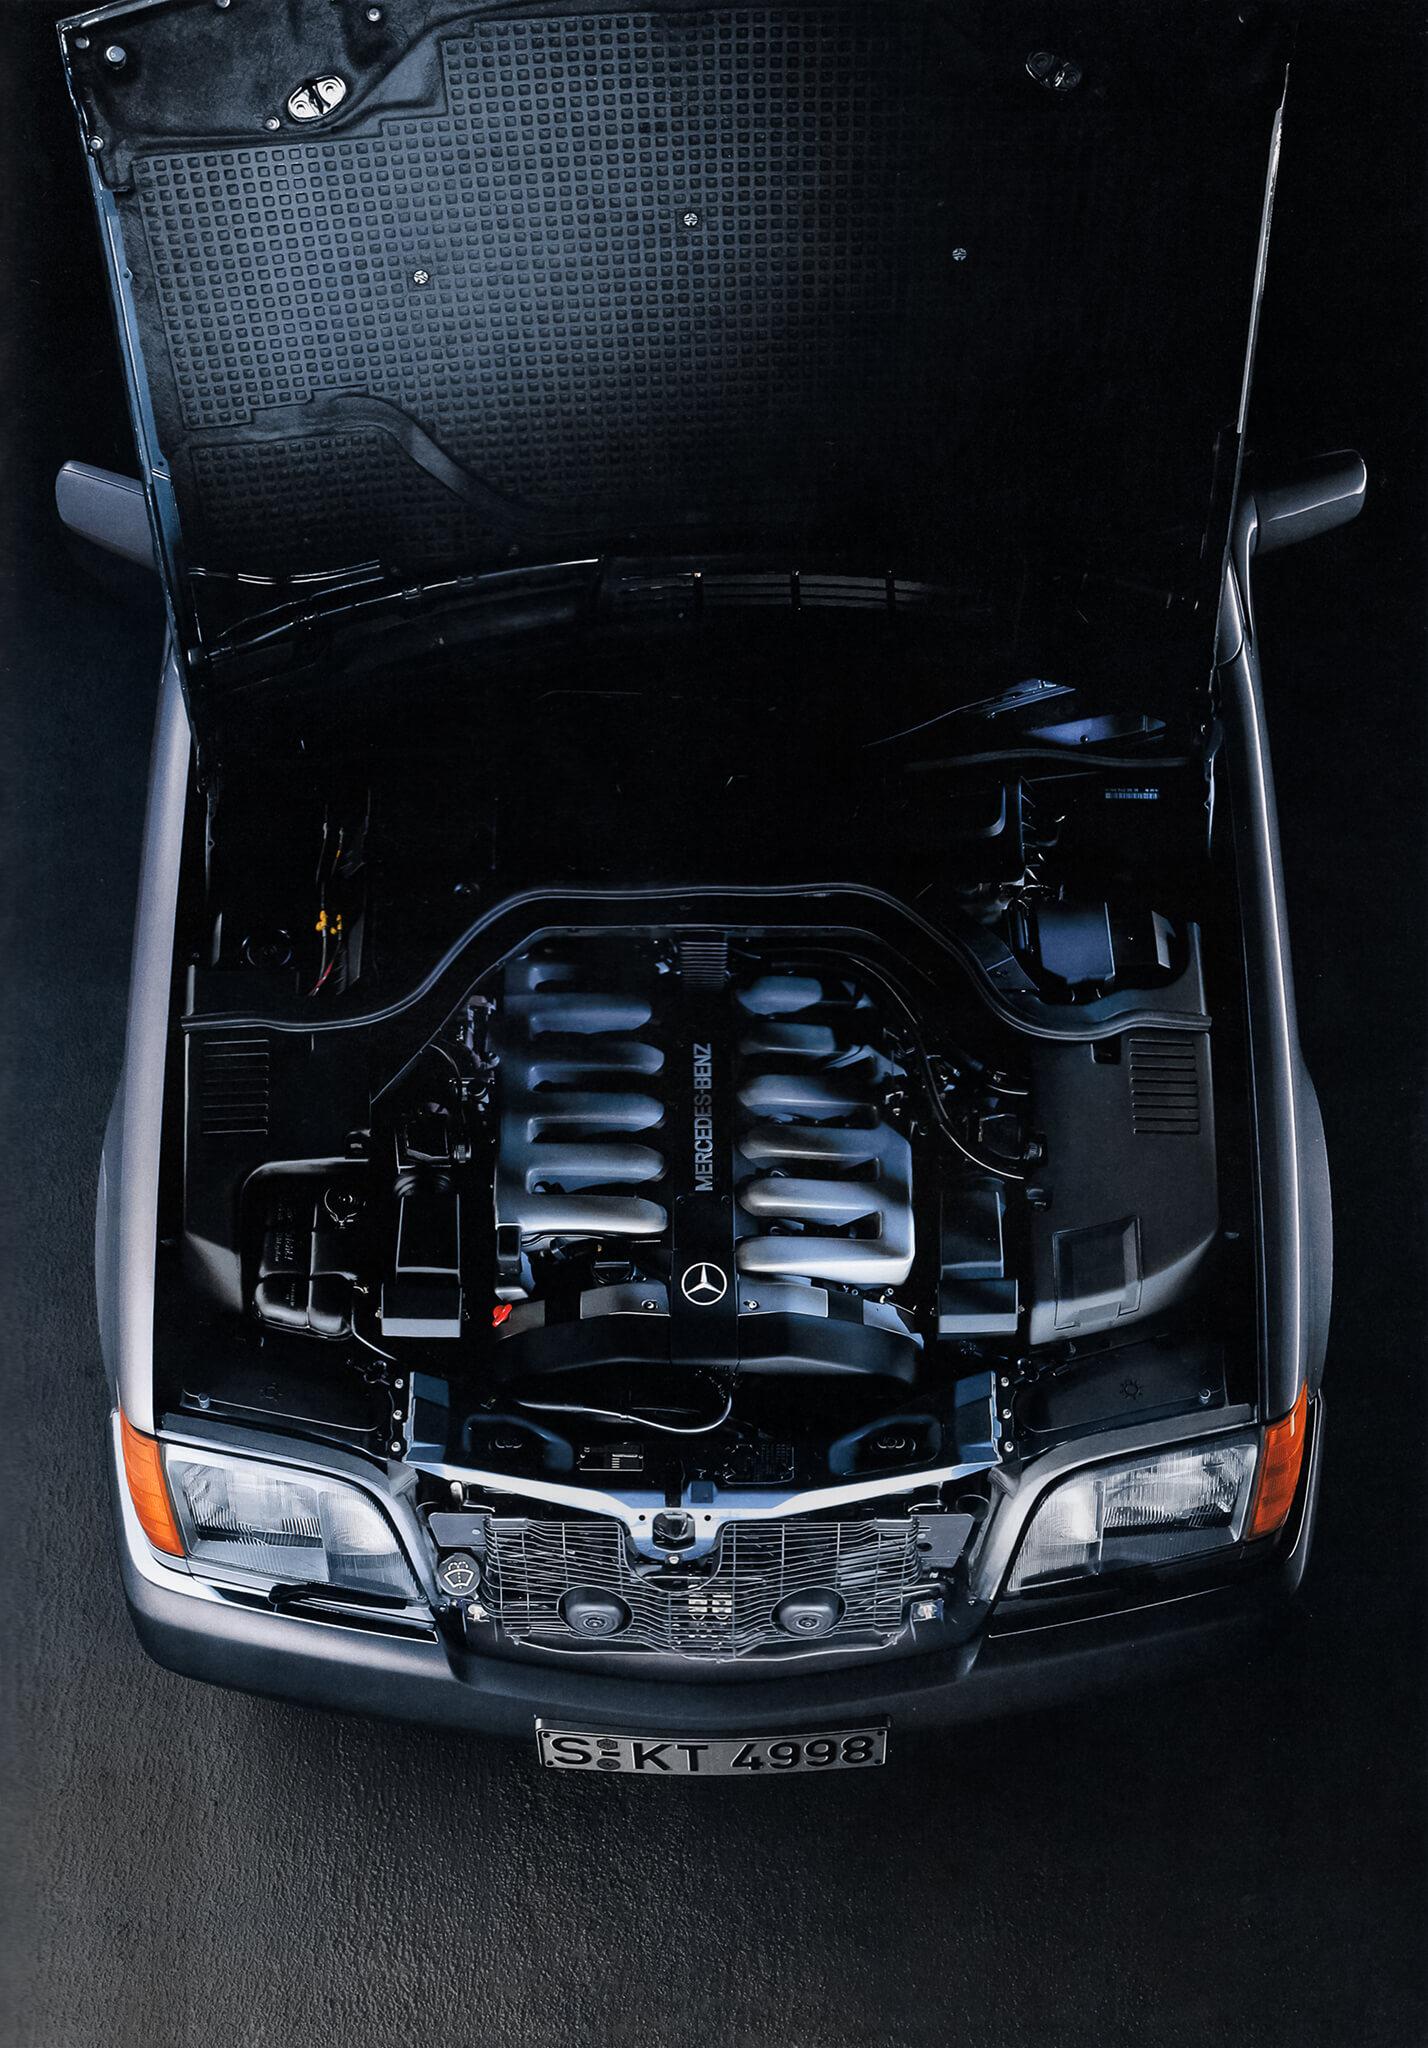 M 120, V12, Mercedes-Benz Classe S W140